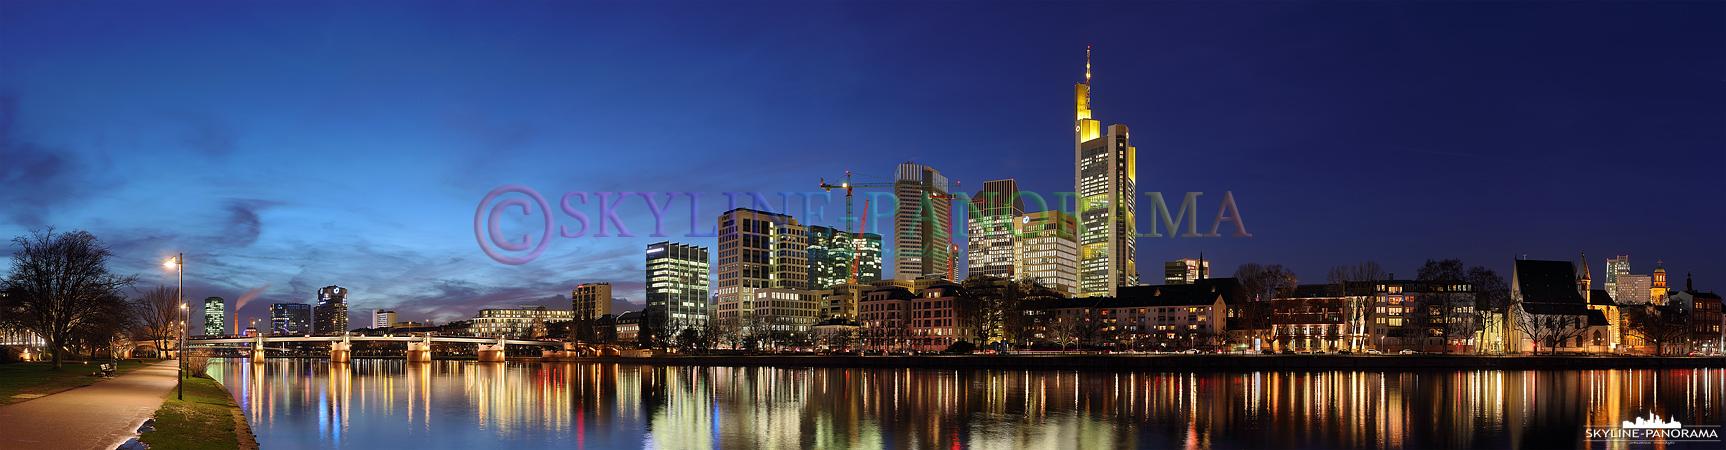 Skyline Bilder – Die Frankfurter Skyline im Winter 2016 vom Mainufer zwischen Untermainbrücke und Eisernem Steg aus gesehen.